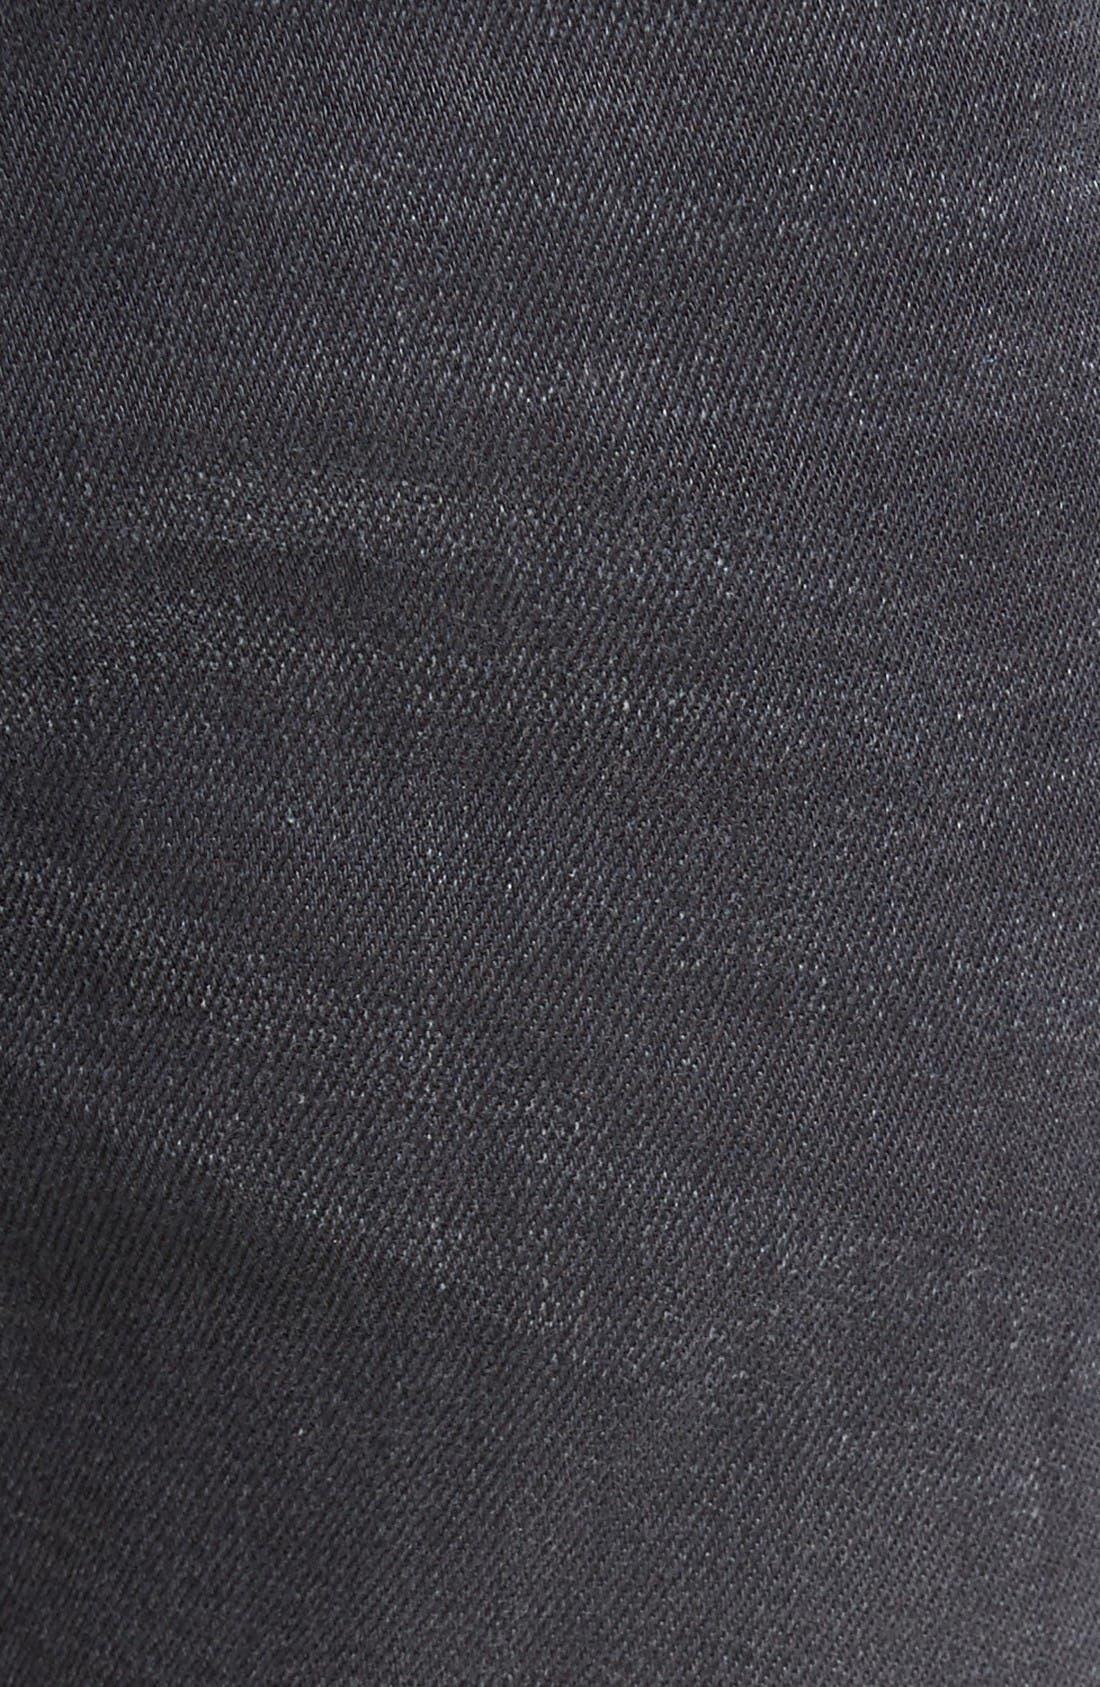 Alternate Image 5  - DIESEL® Thommer Slim Fit Jeans (859K)